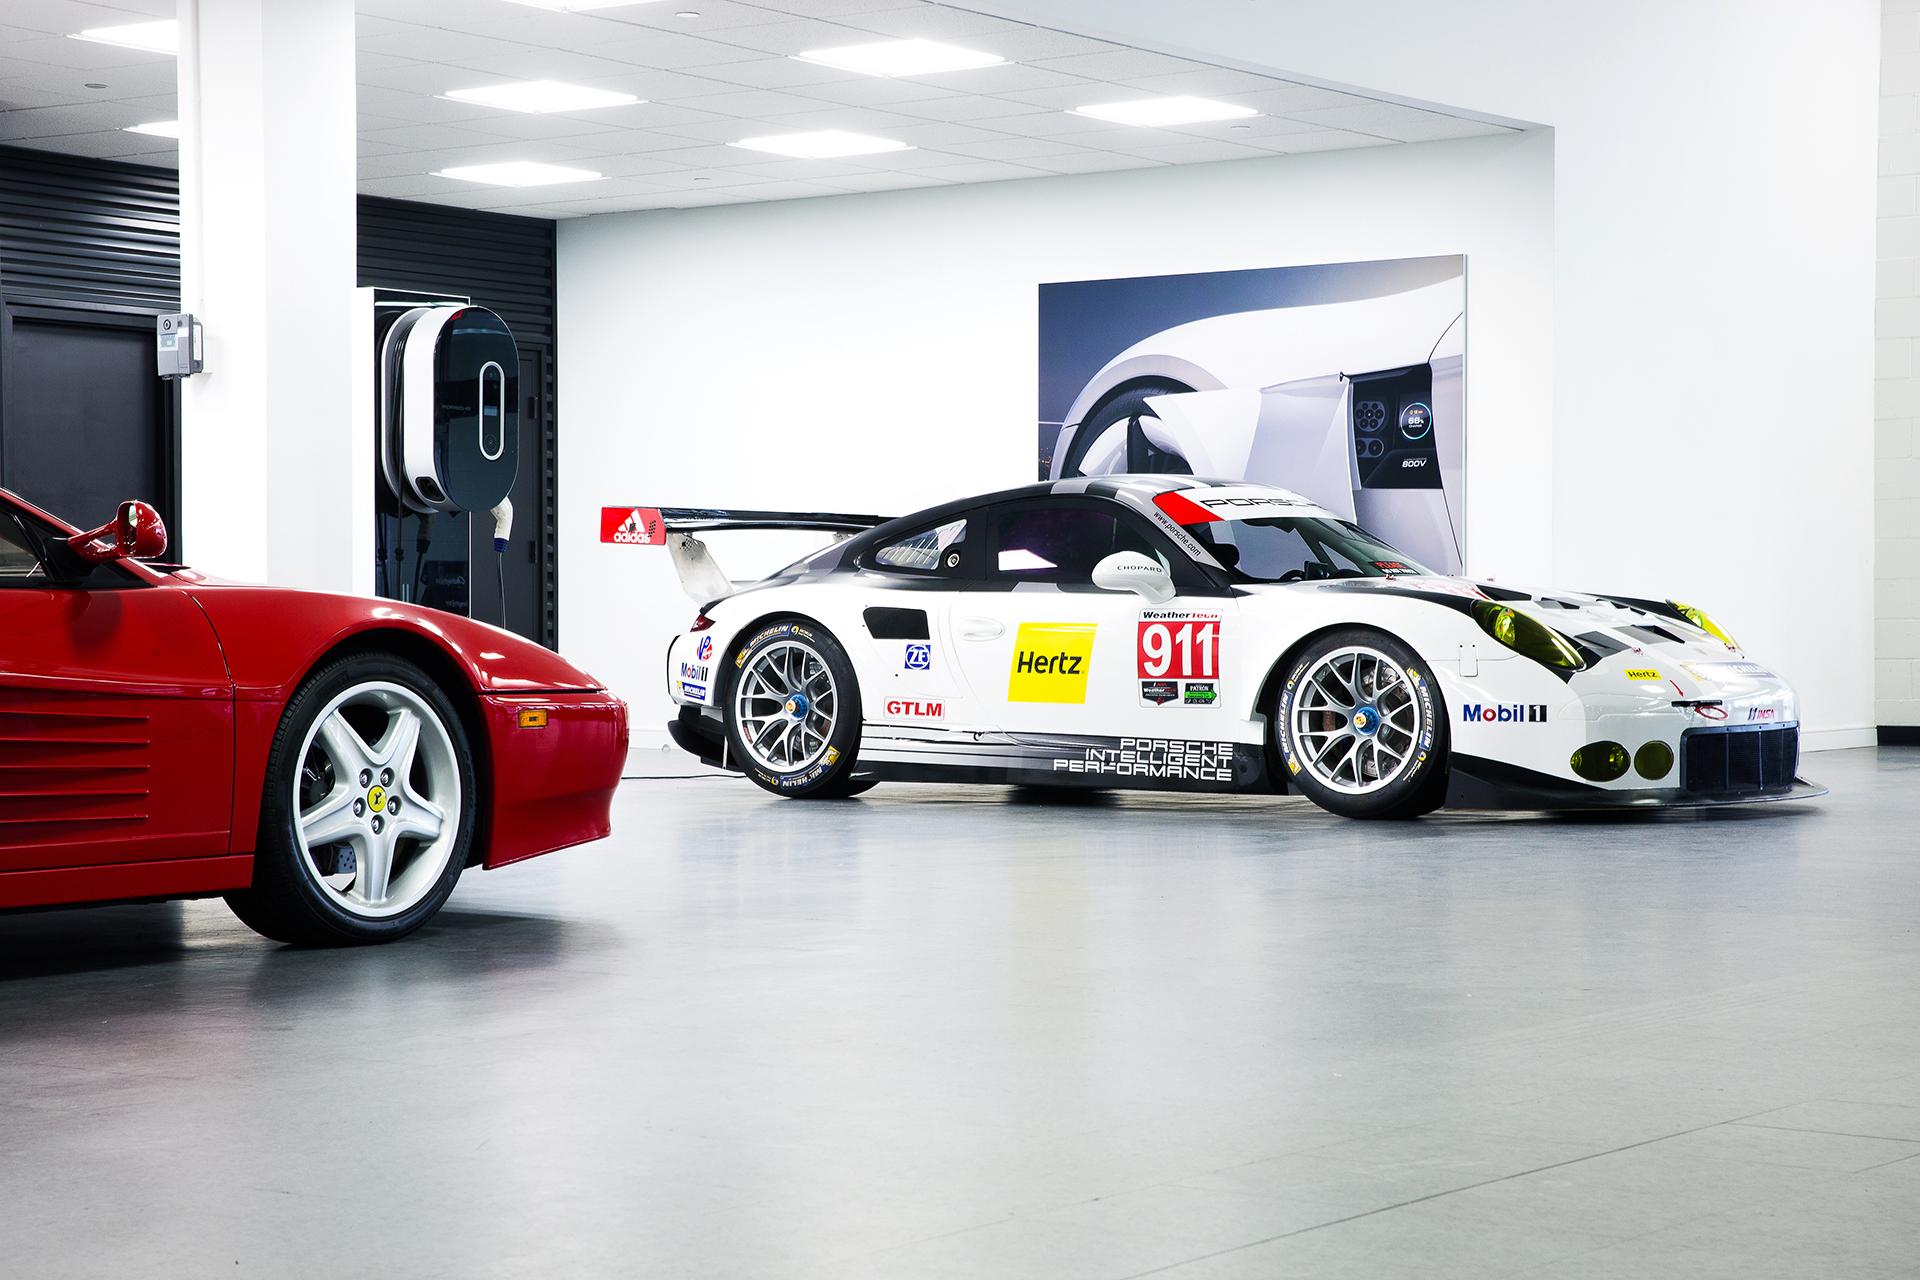 RSR Racecar 2